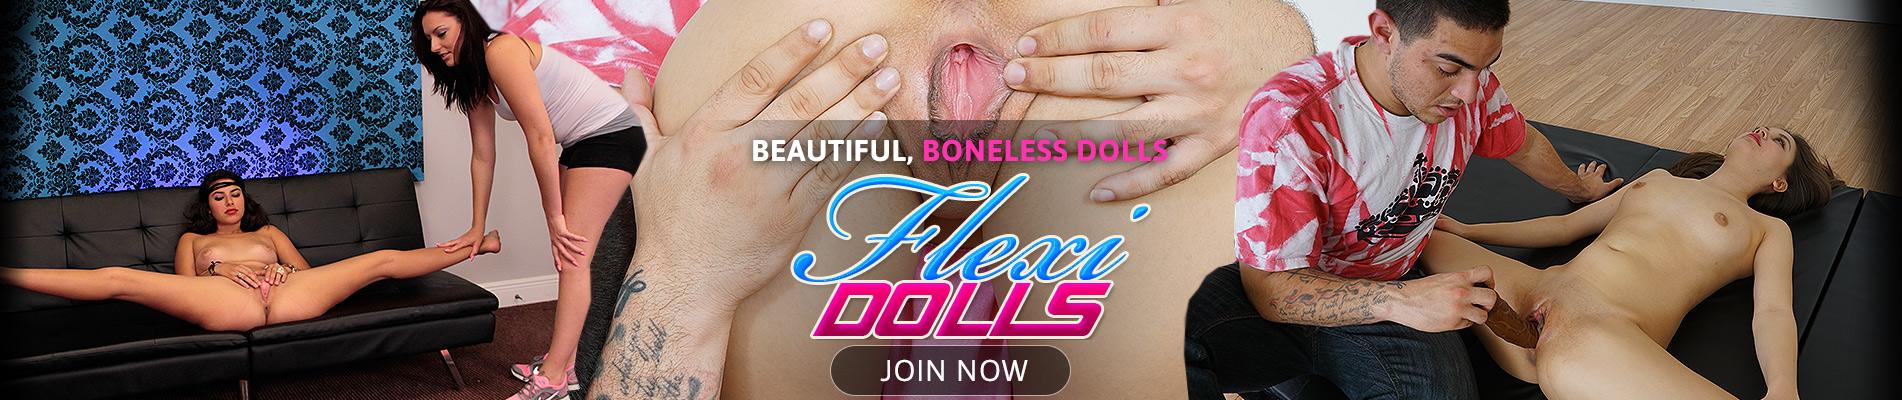 flexi dolls